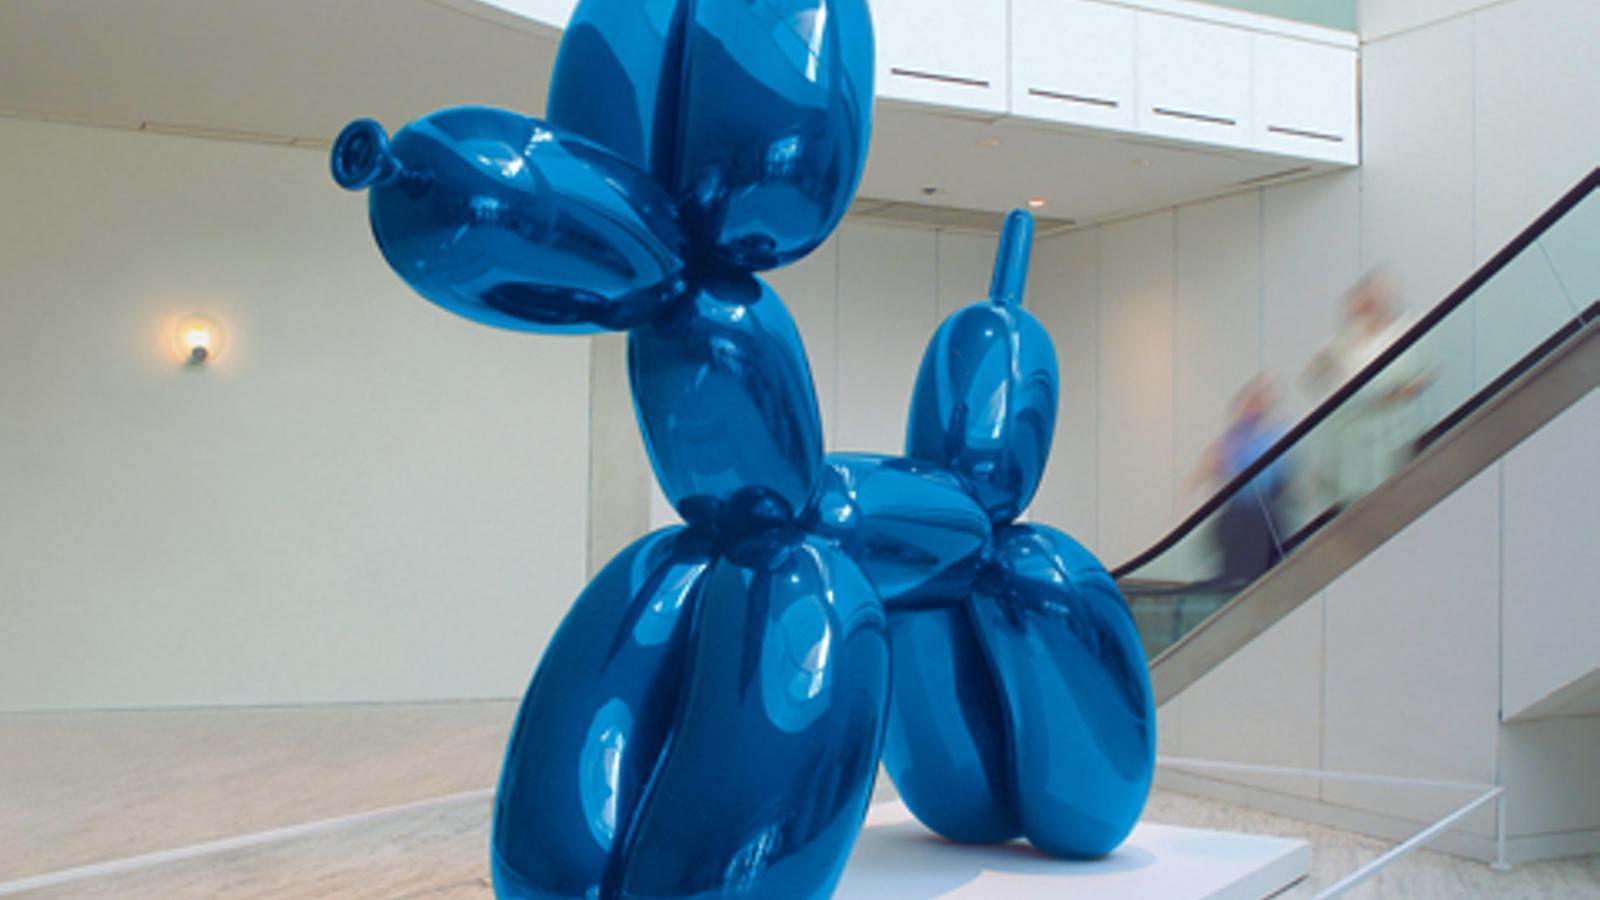 Jeff Koons era fins ara l'artista viu més cotitzat